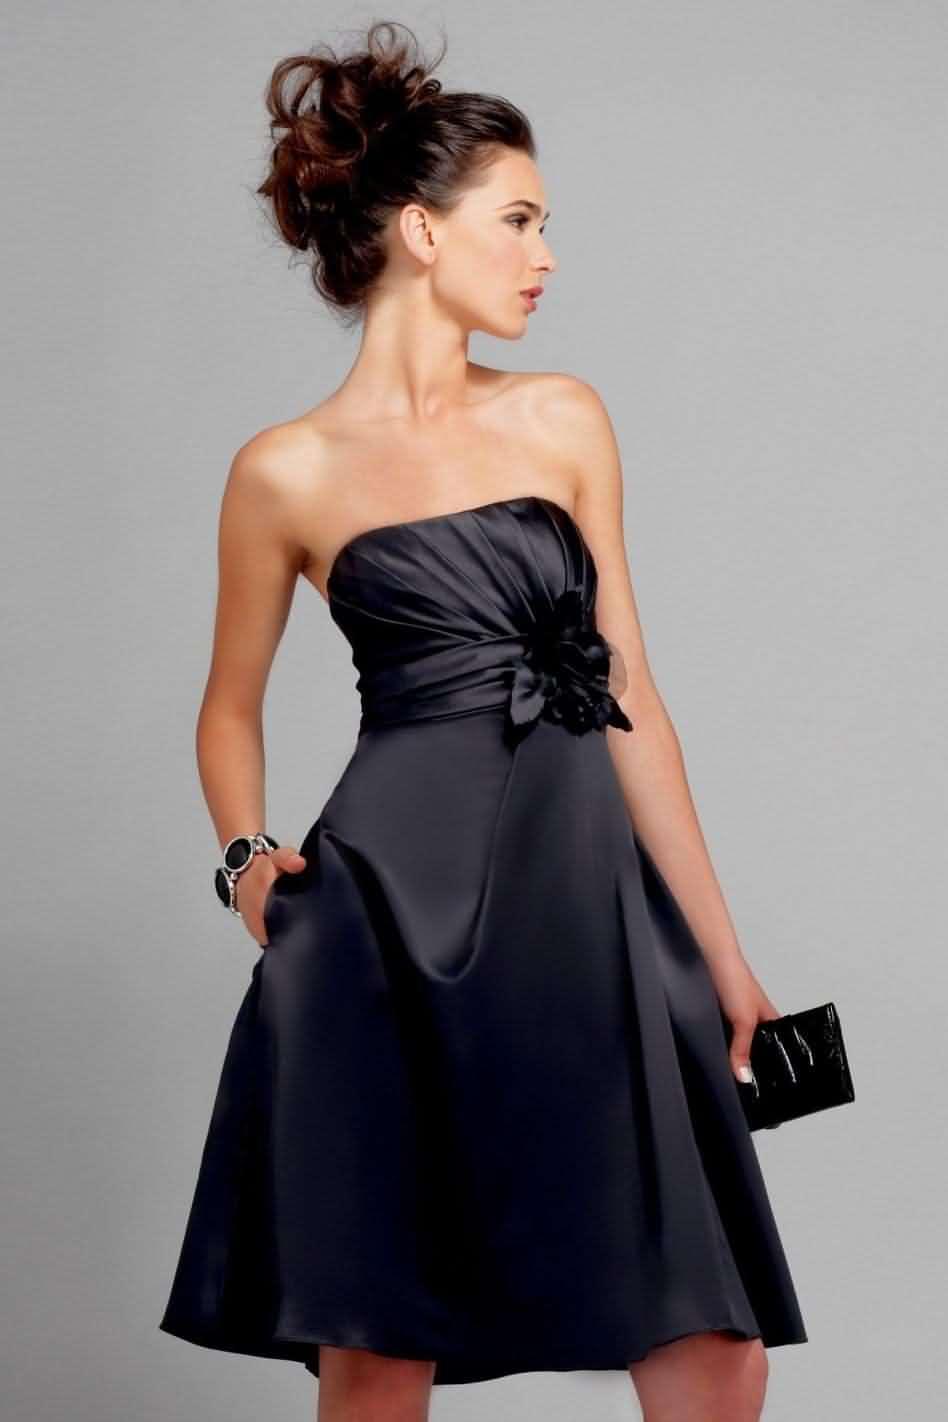 прически под черное вечернее платье фото